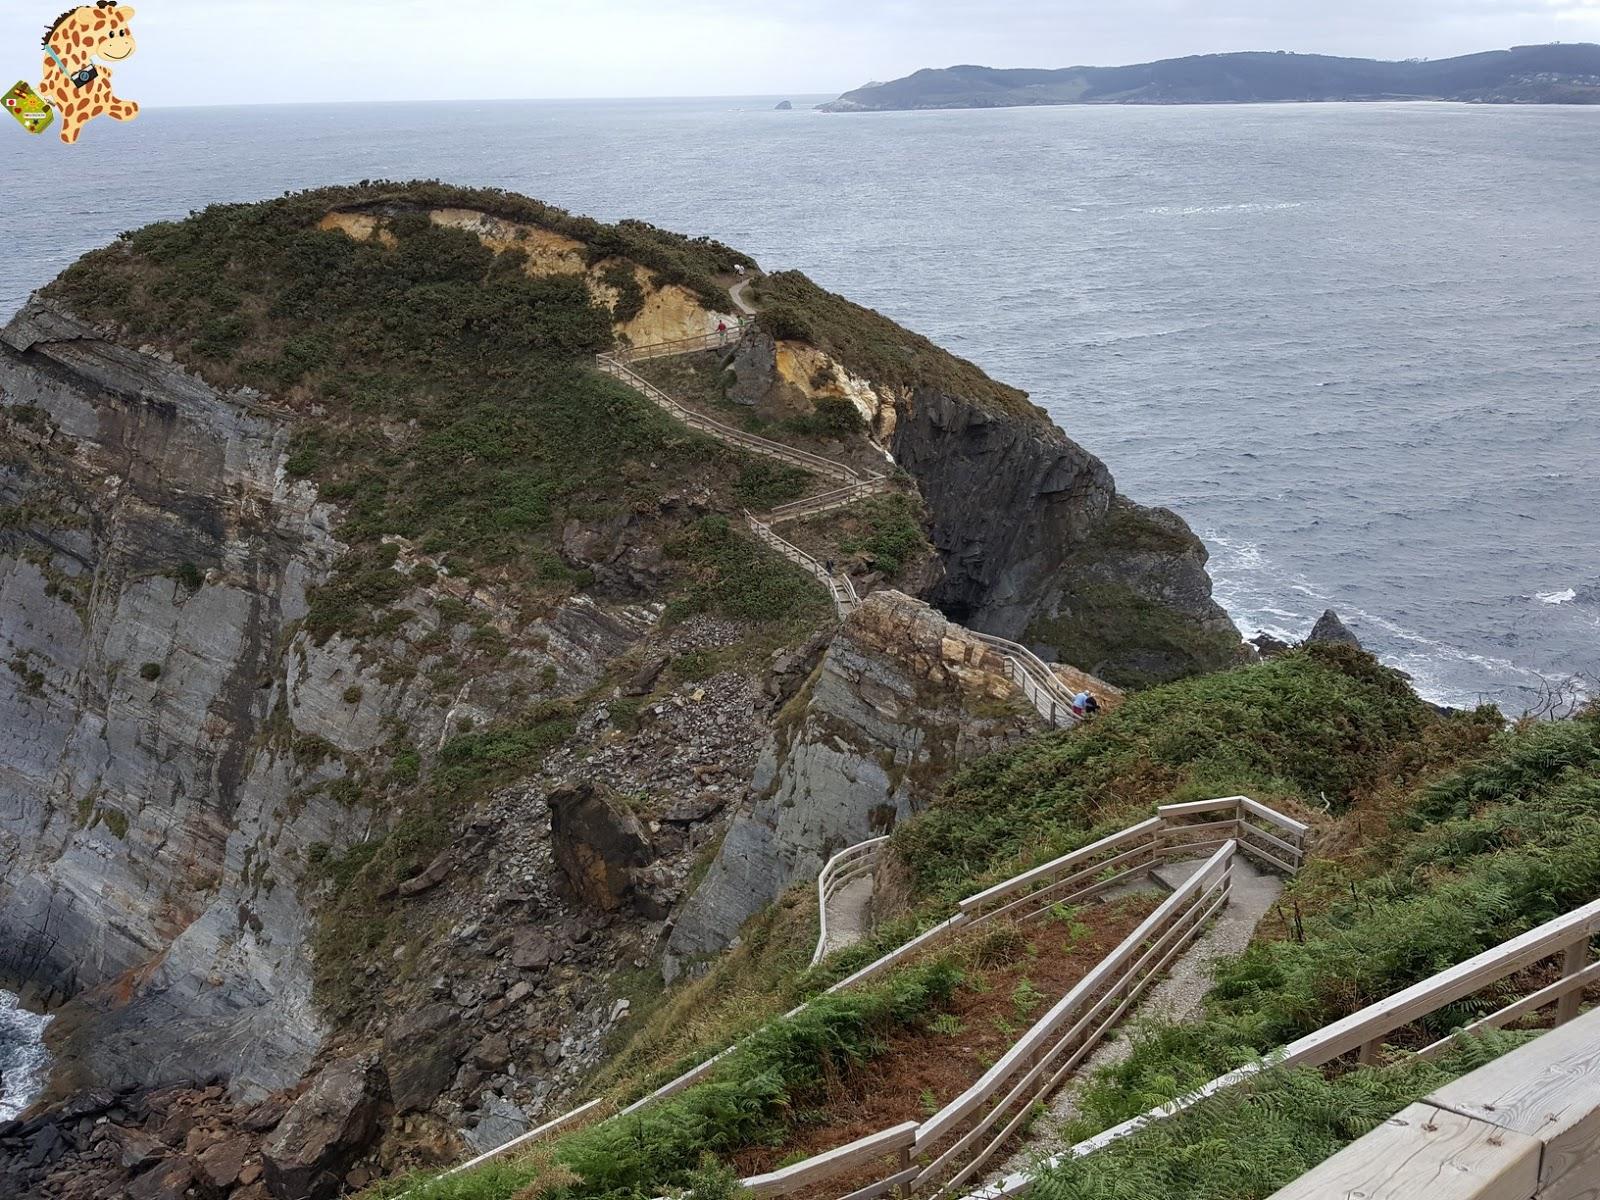 comollegaryqueverenofuciC3B1odeporco281529 - Cómo llegar y qué ver en O Fuciño do Porco (Punta Socastro) - O Vicedo